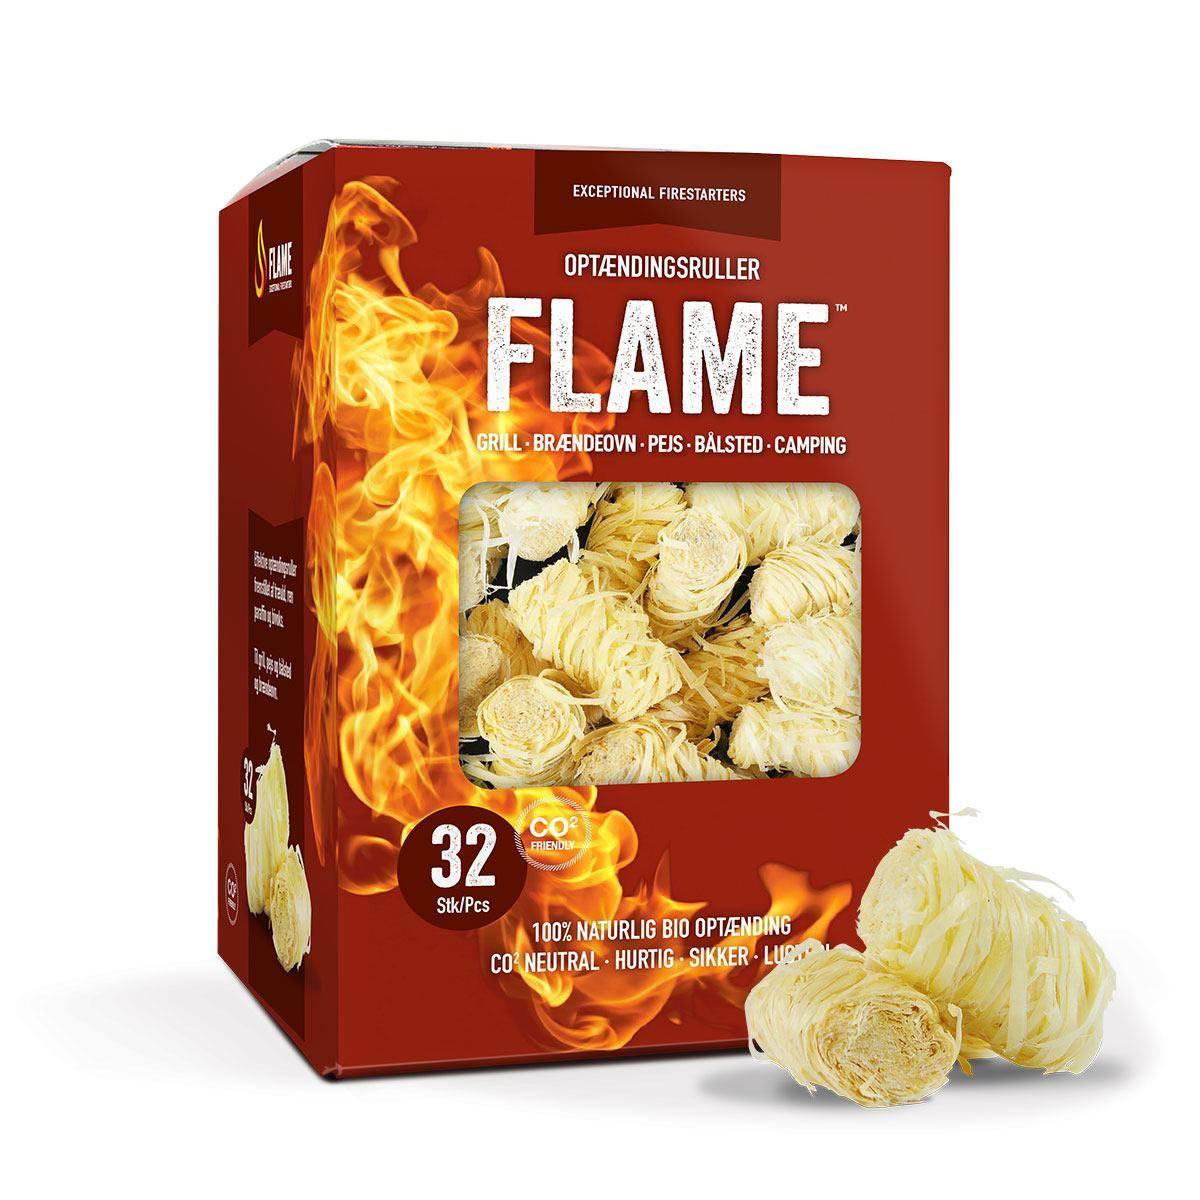 Flame optændingsruller, 32 stk